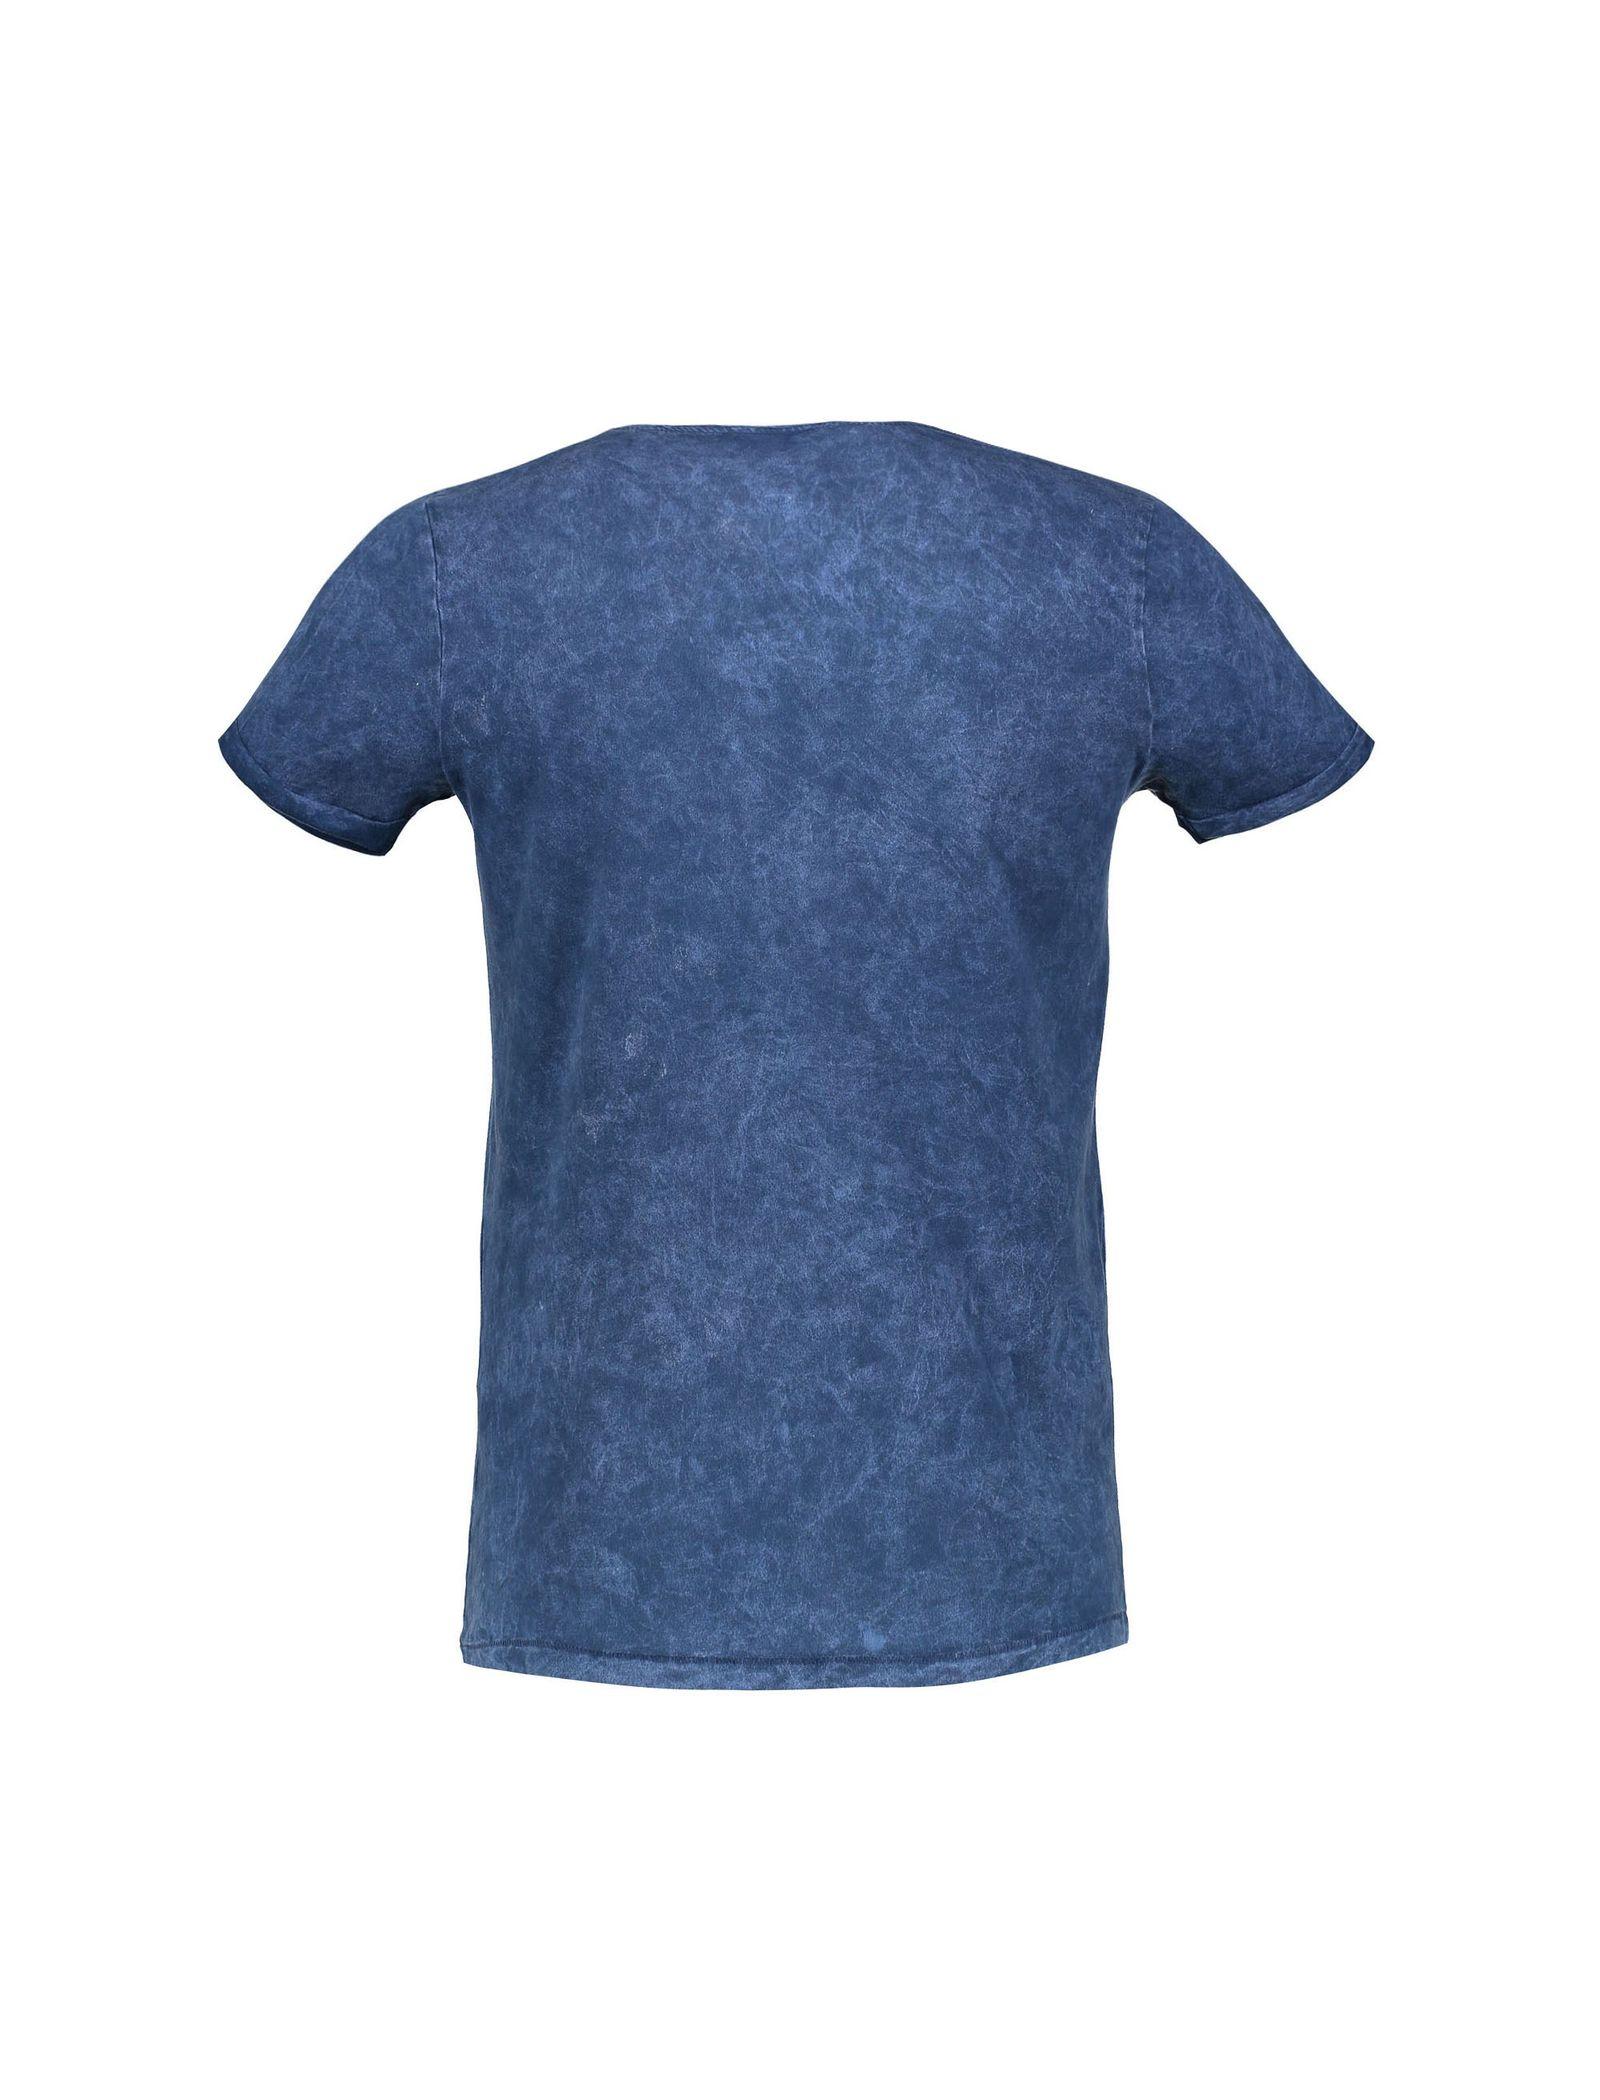 تی شرت نخی یقه گرد مردانه - ال سی وایکیکی - آبي - 2